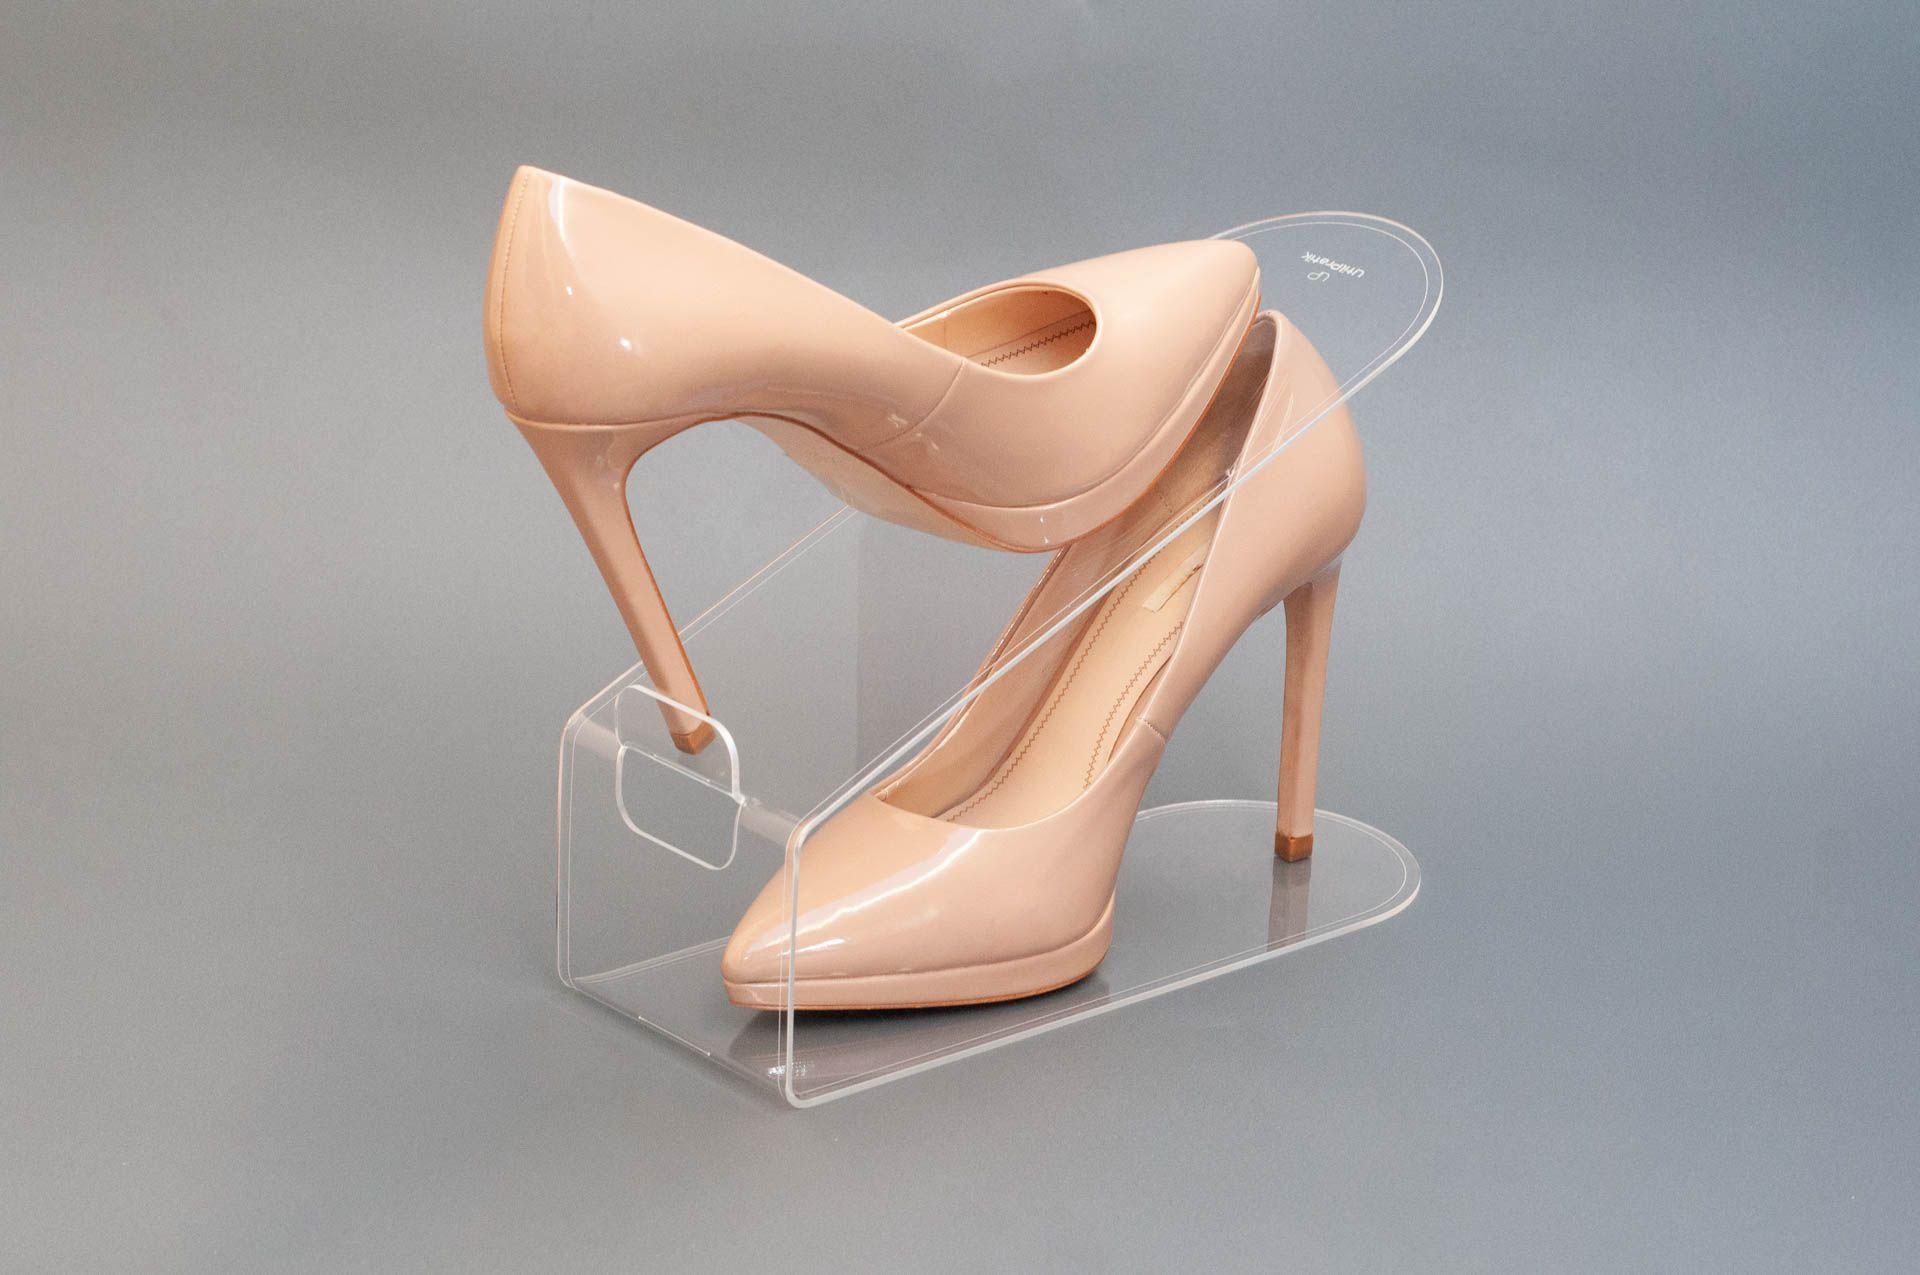 Organizador de Sapatos Cristal - Kit 10 unidades